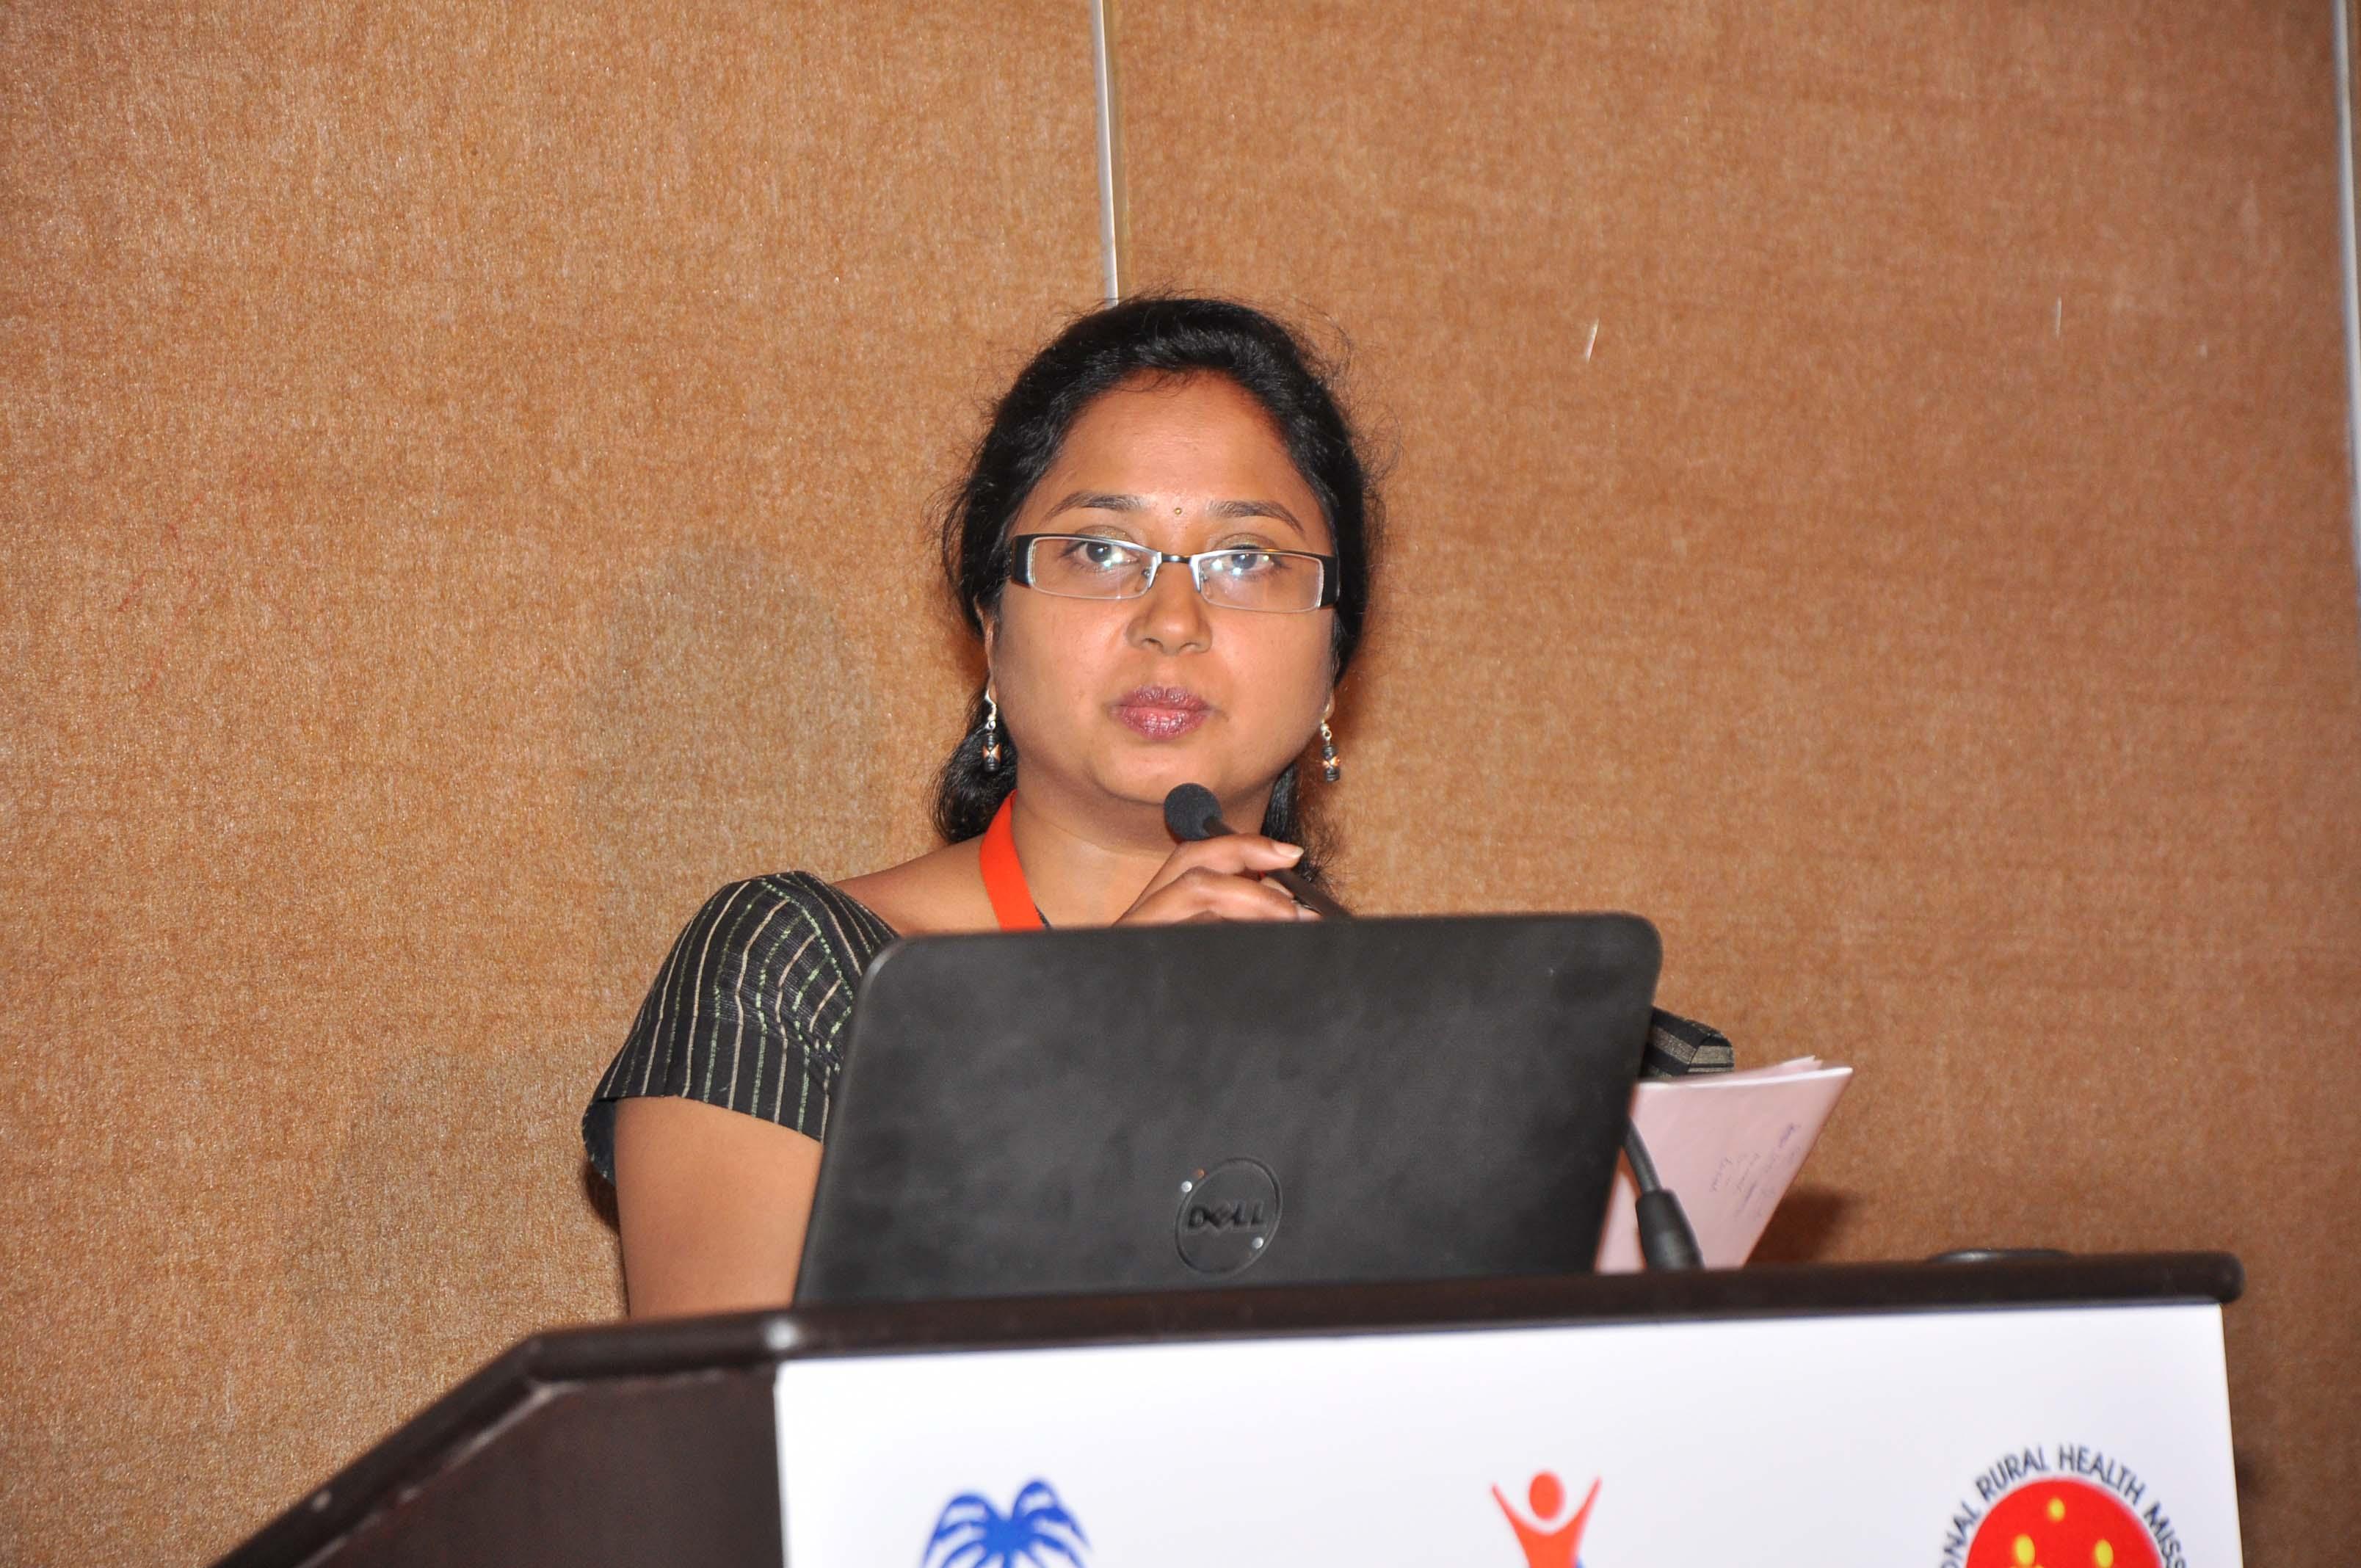 EPHP, EPHP-2012, conferences, EPHP-2010, Public health conferencese-learning, course, online learning course, public health course, e-learning public health, online learning public health, Public health training india, training, Public health india, Health system